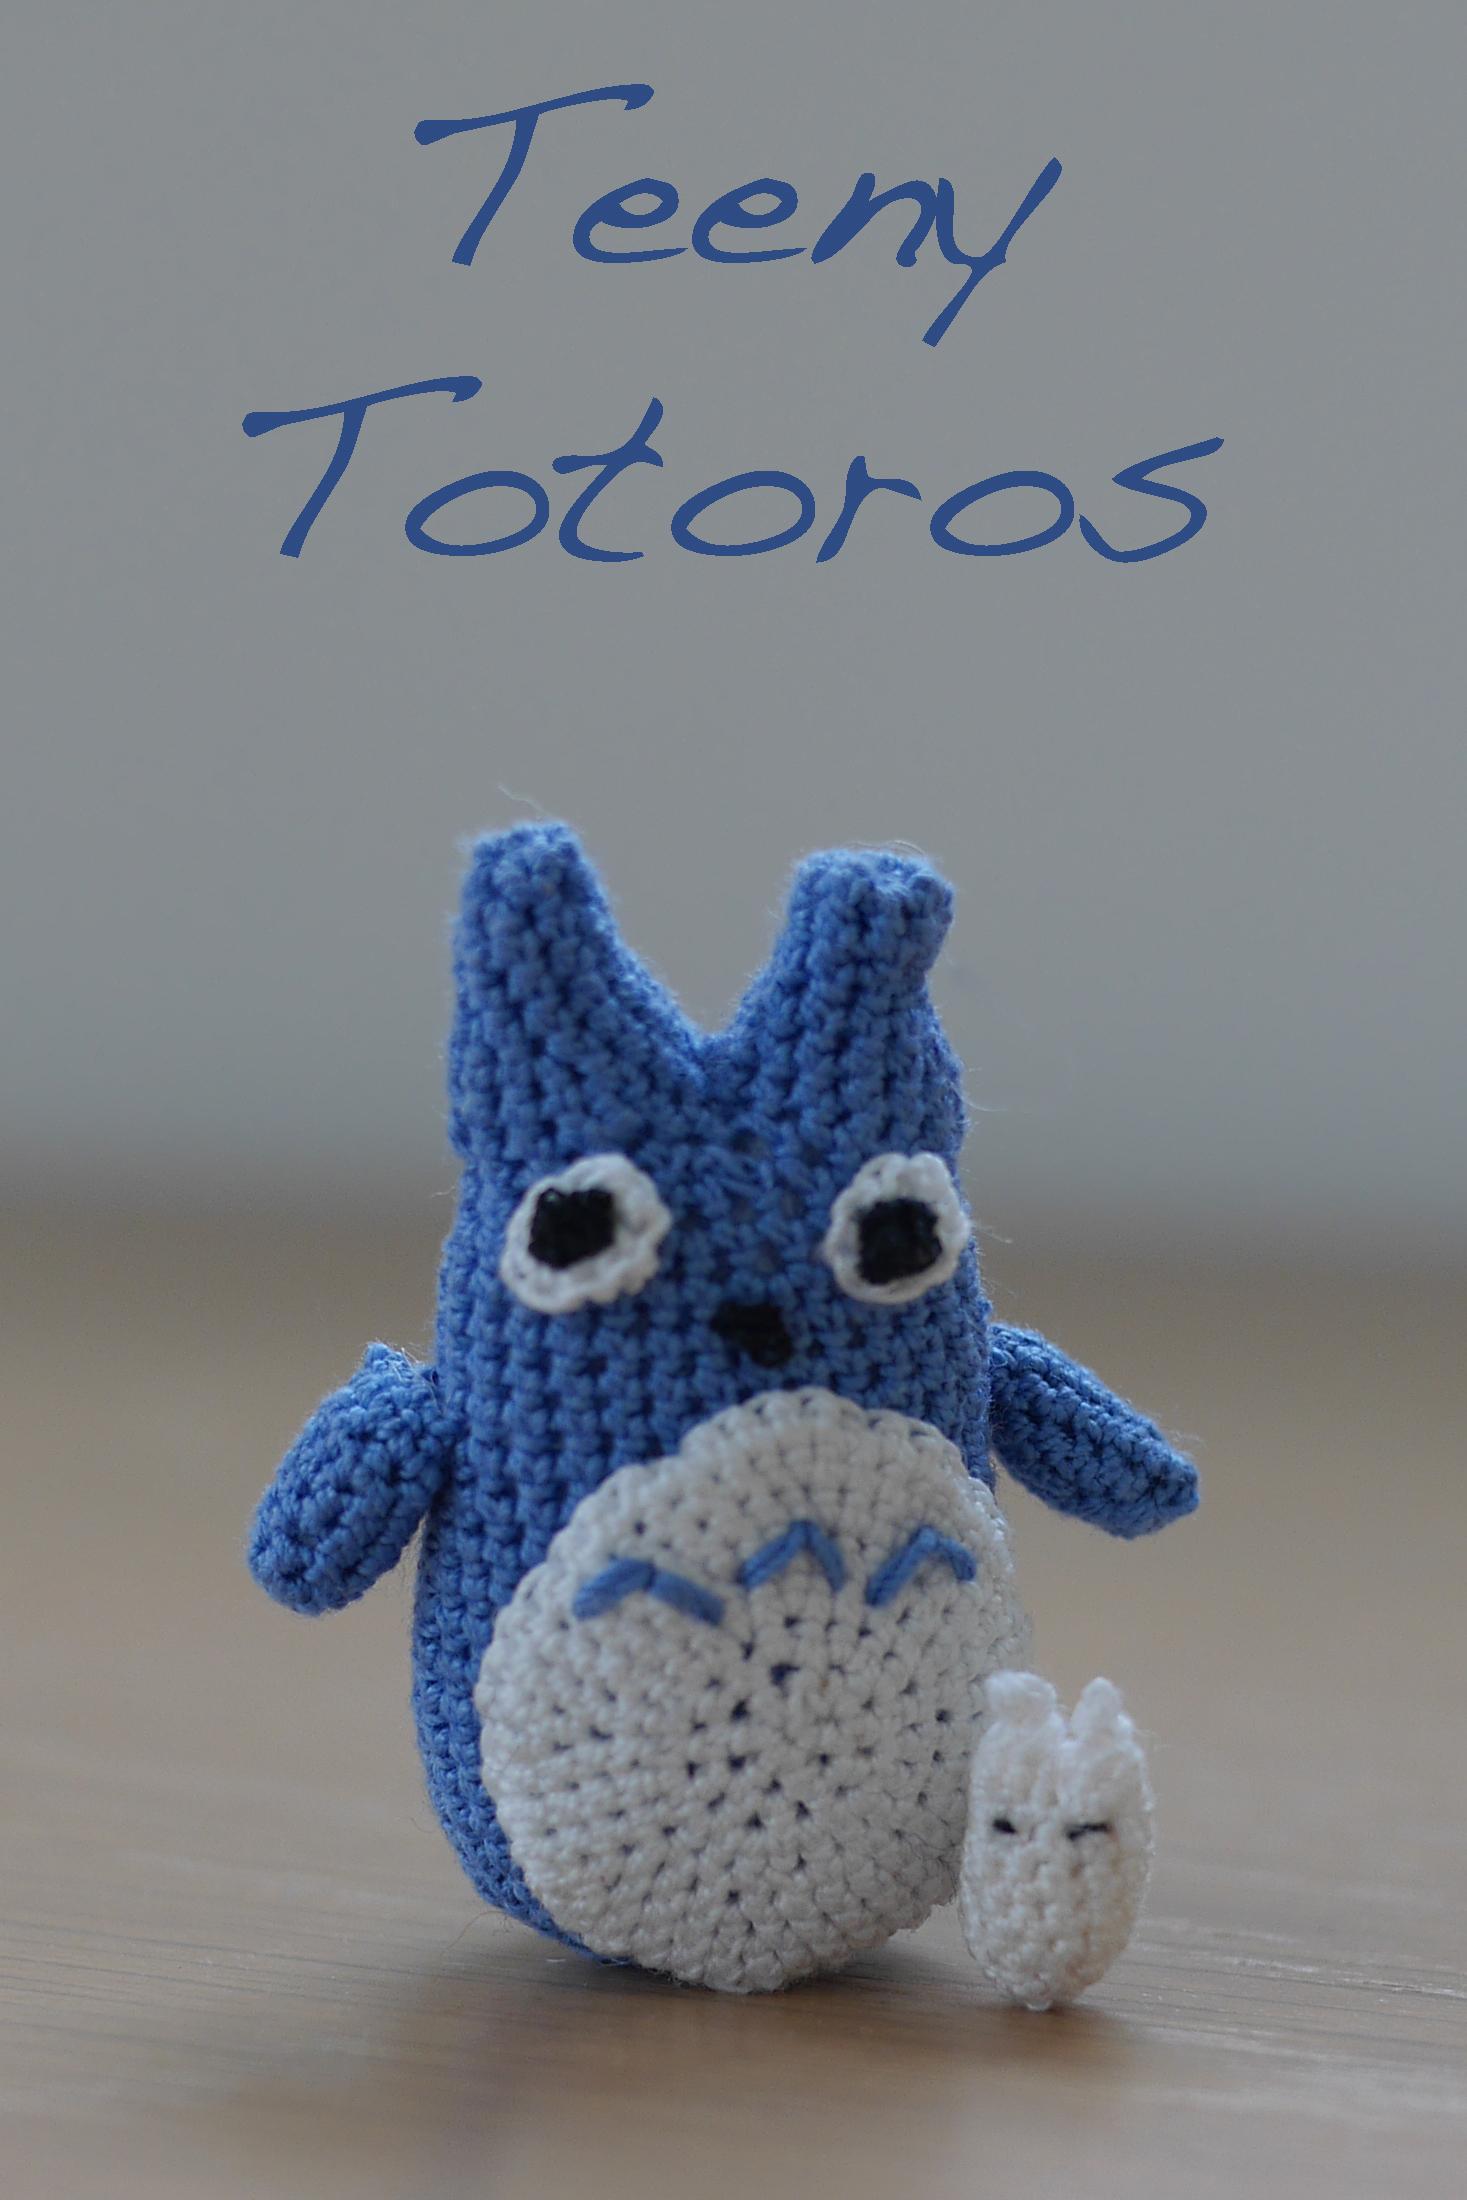 Teeny Totoros